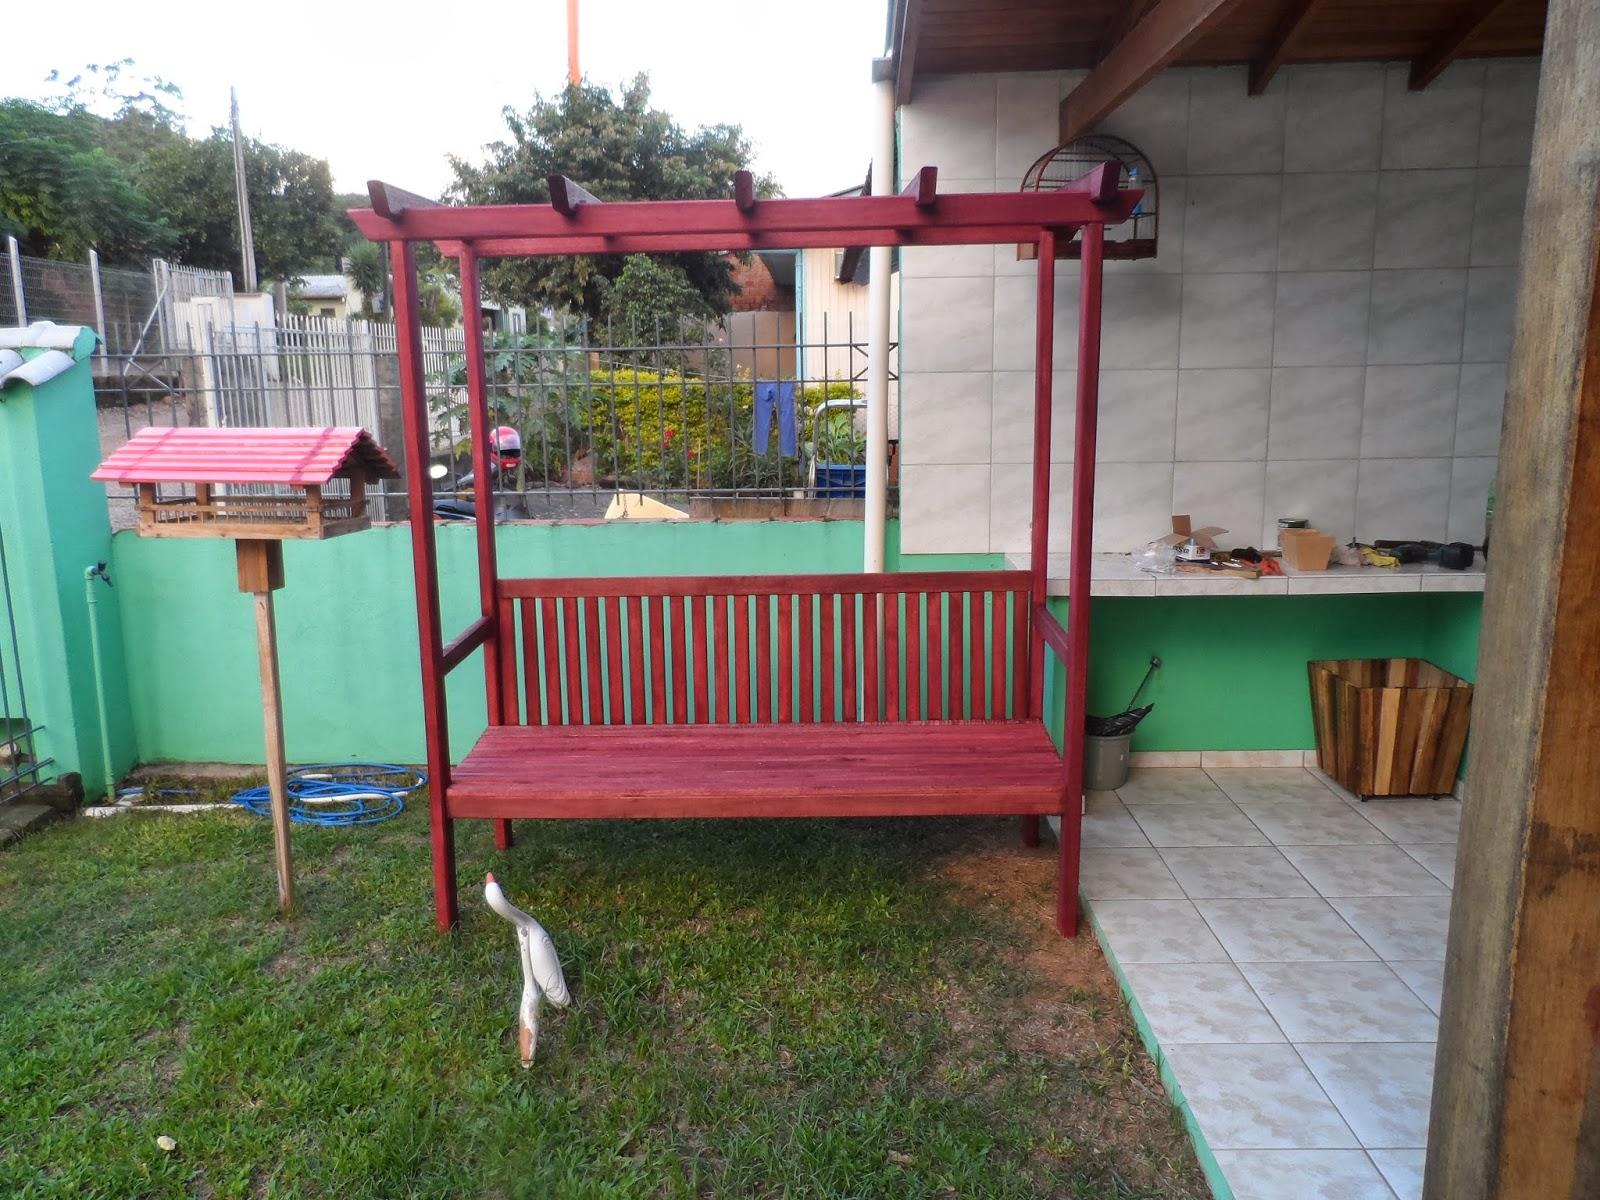 KAB Móveis Rústicos em Madeira: Pergolado com banco em madeira #783B35 1600x1200